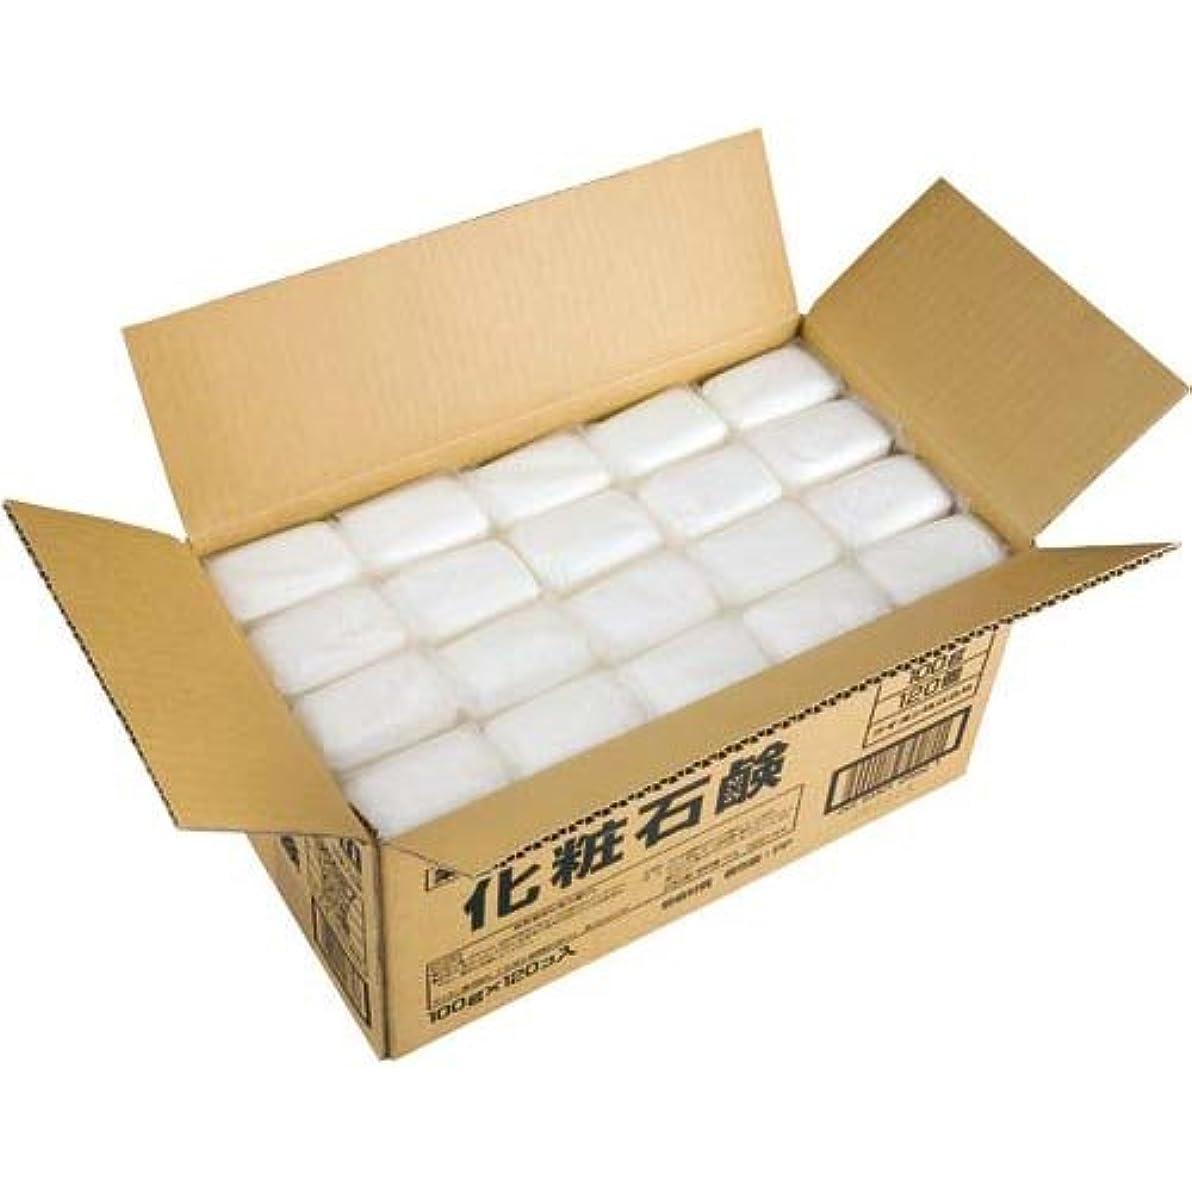 梨アートウェイターライオン 植物物語 化粧石鹸 (100g×120入)